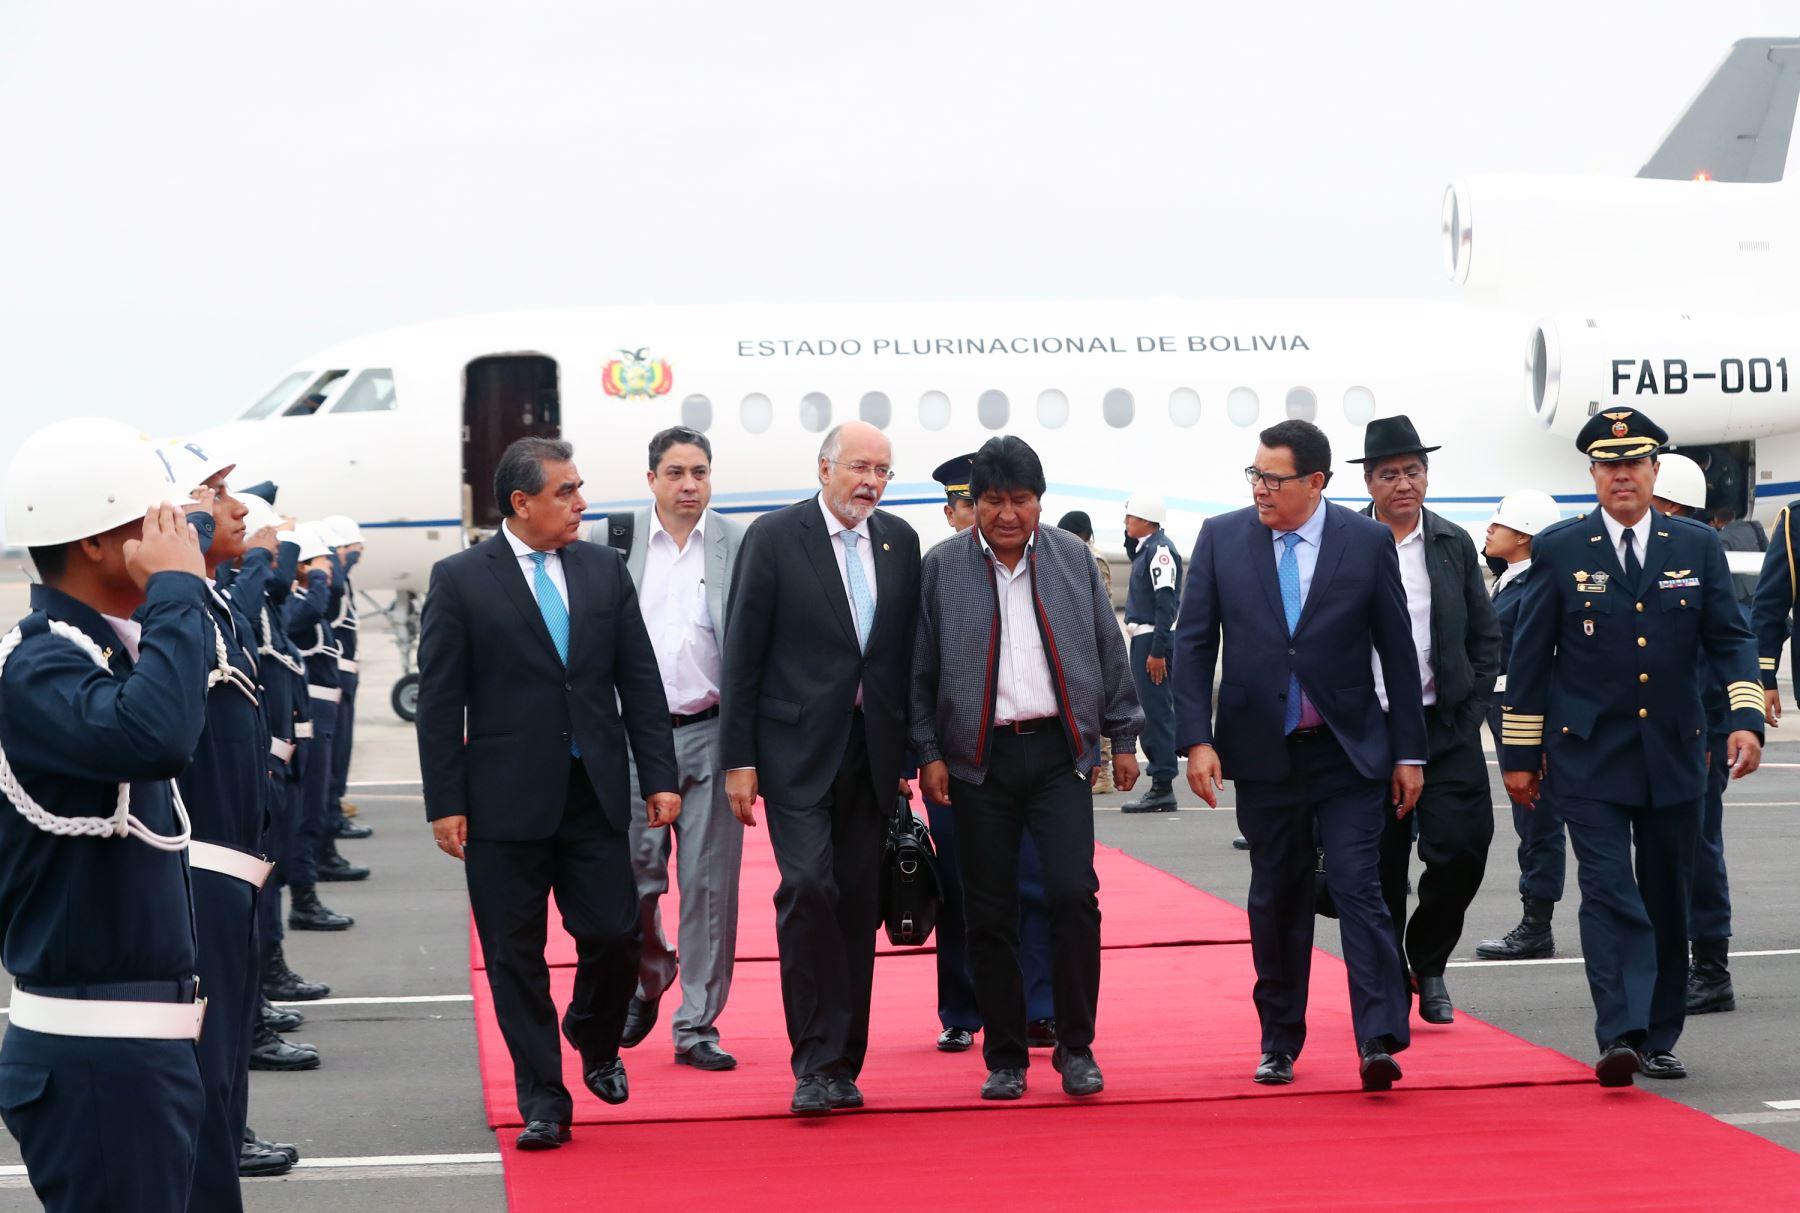 Presidente de Bolivia Evo Morales, llega a Lima para participar de los 50 años de creación de la Comunidad Andina de Naciones. Foto: ANDINA/ Norman Cordova